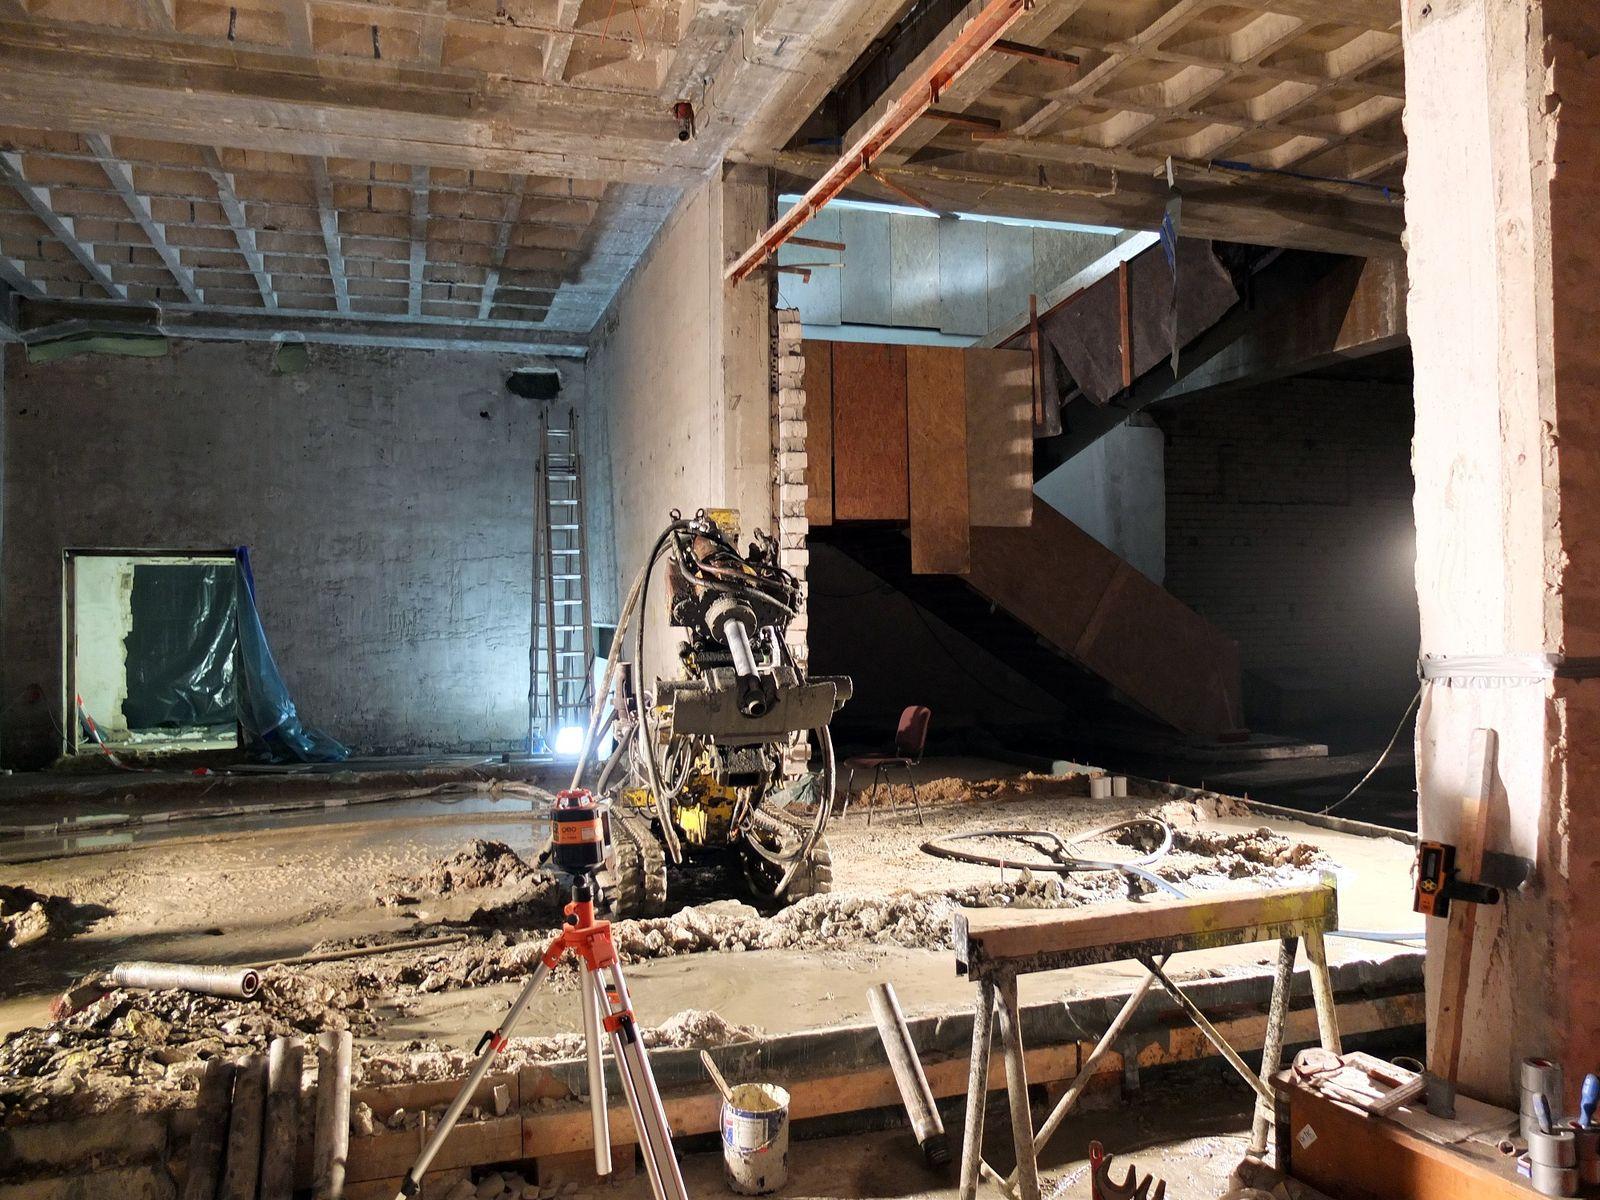 Für einen barrierefreien Zugang zum Untergeschoss werden Vorbereitungsmaßnahmen für den Einbau des Aufzugs getroffen. © Staatliche Museen zu Berlin / schmedding.vonmarlin.